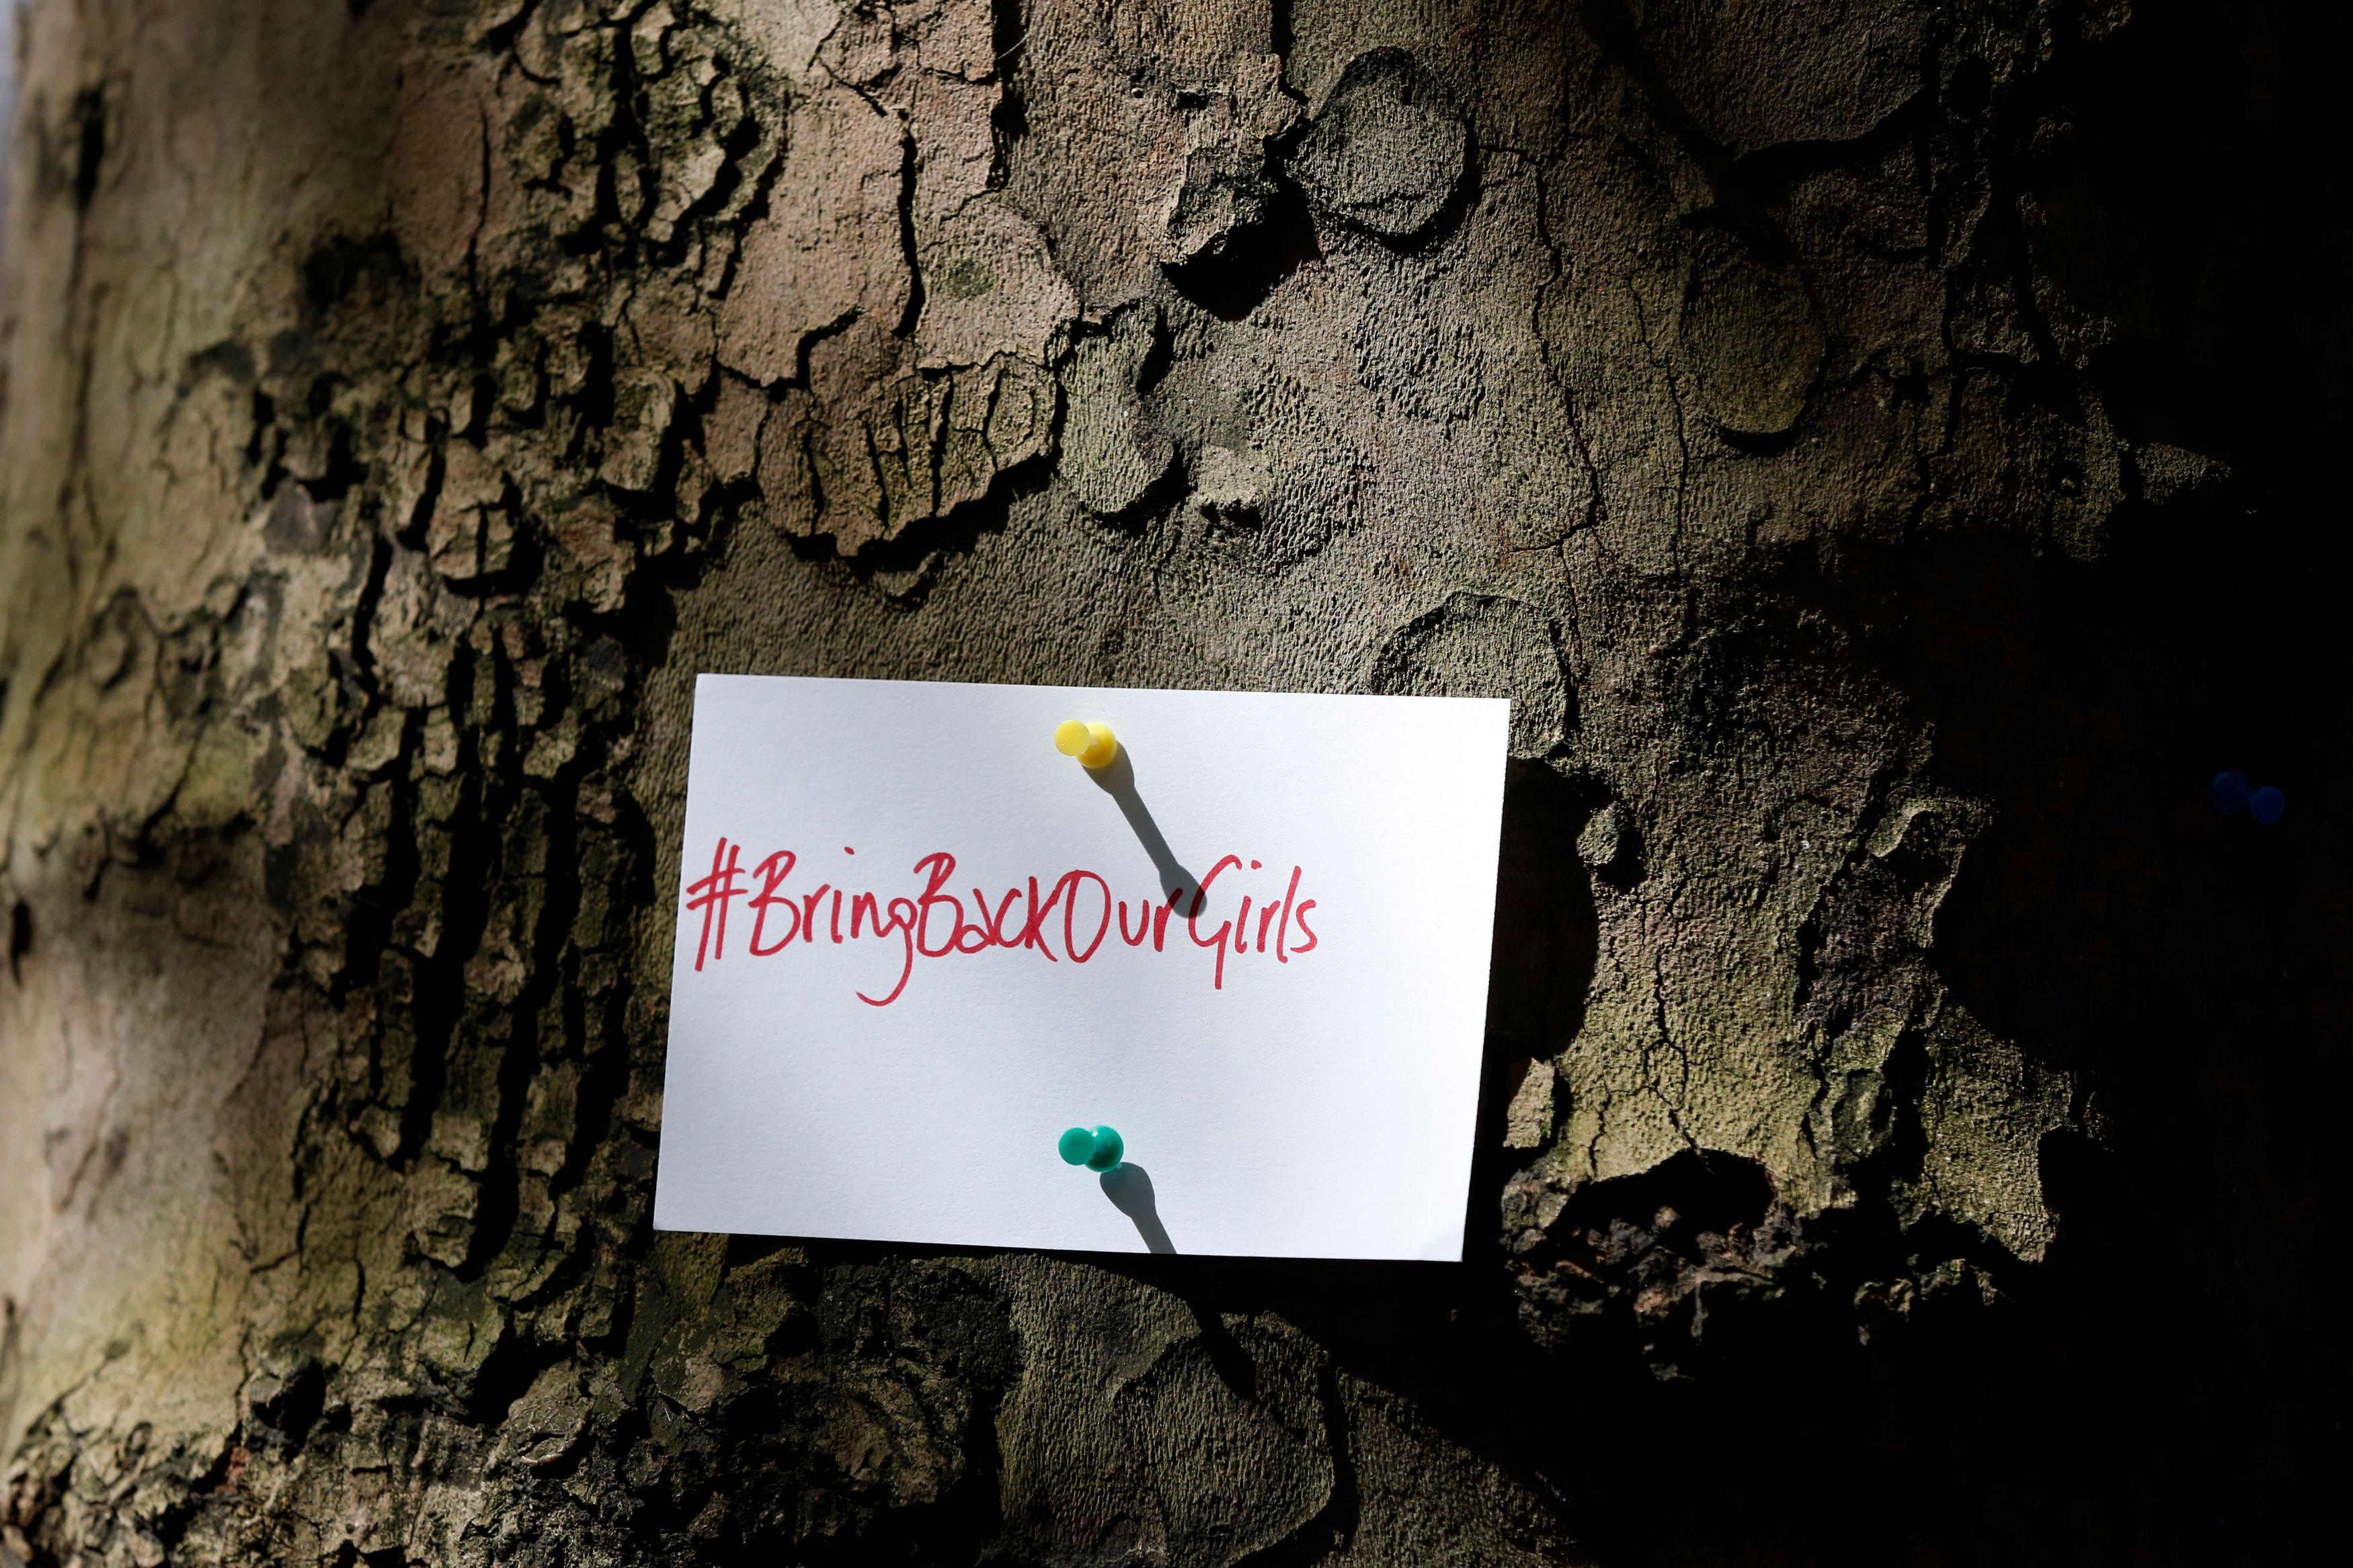 """Le hastag """"Bringbackourgirls"""" qui mobilise les réseaux sociaux contre l'enlèvement des jeunes filles par Boko Haram."""